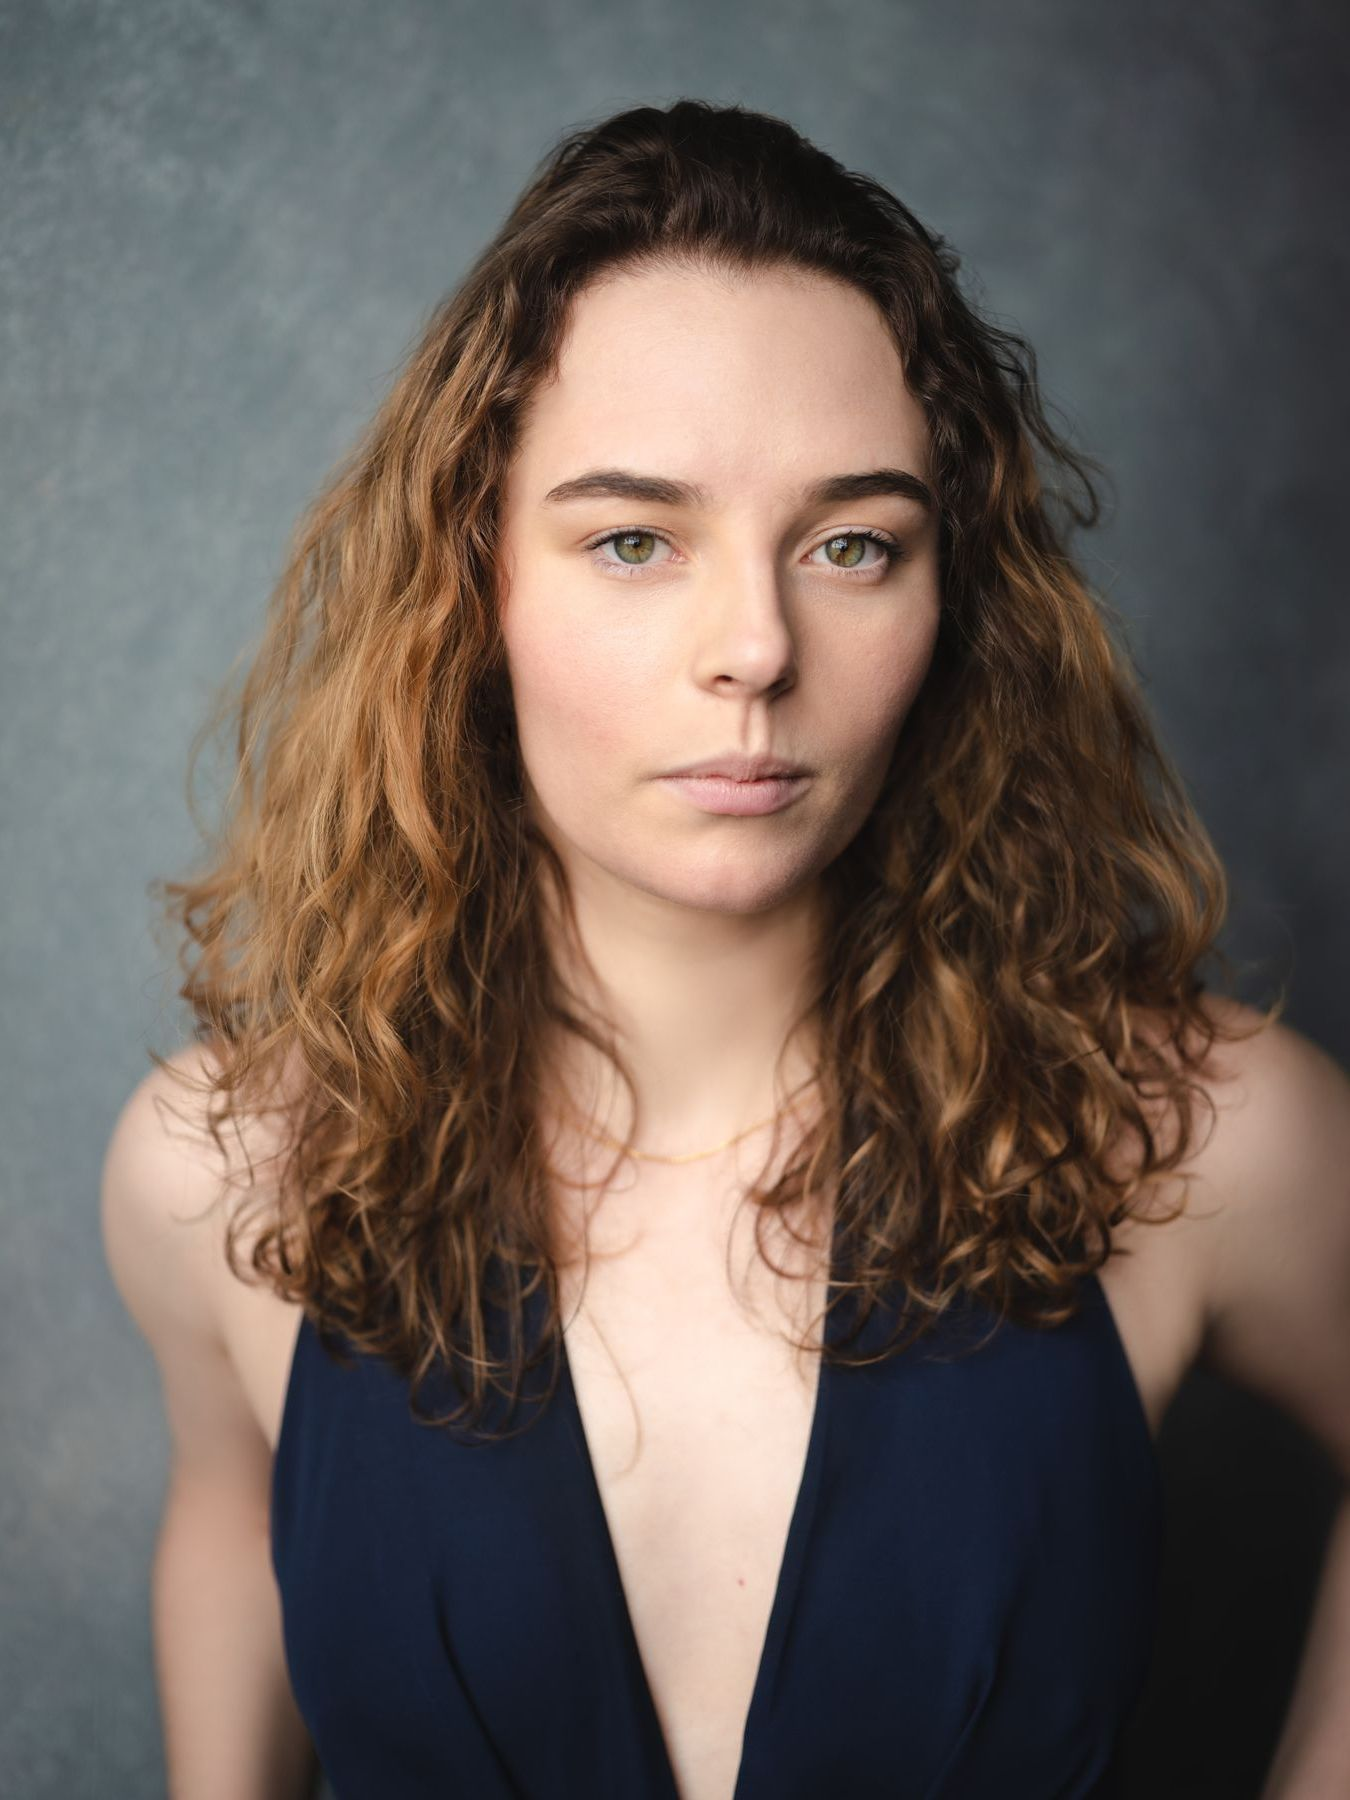 Annika Kordes, Actors Agency Osman, Schauspielagentur